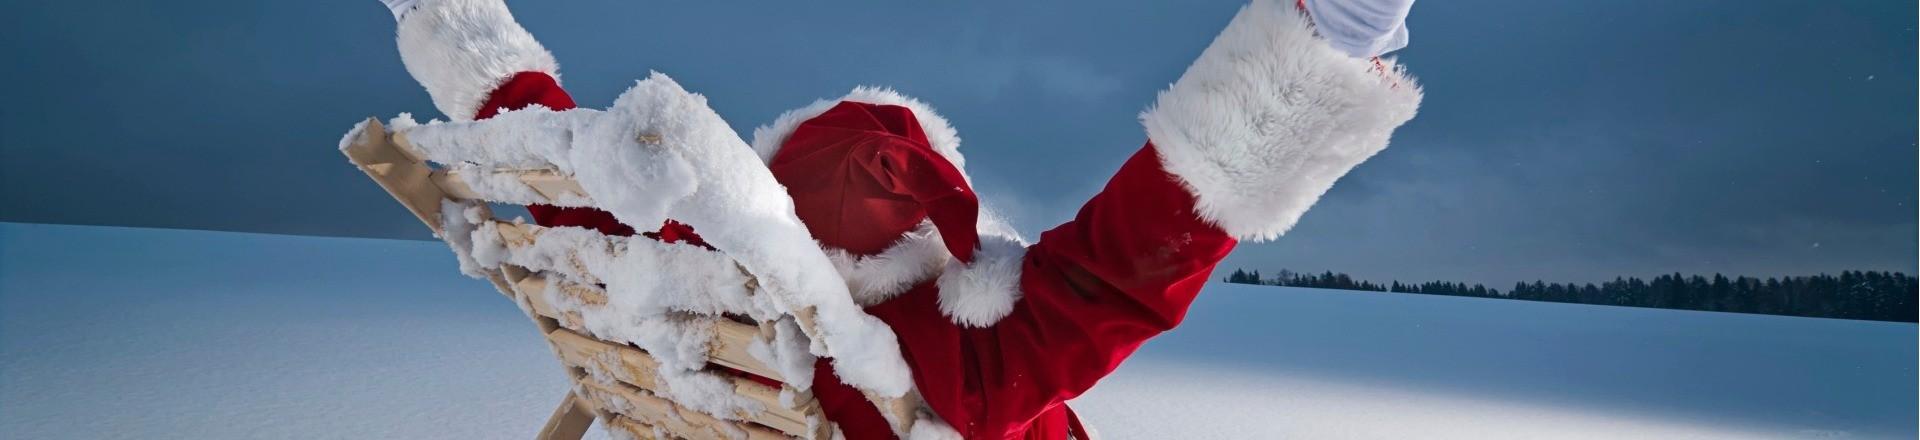 Christmas In Austria Holidays.Ski Christmas In Austria Siegi Tours Ski Holidays